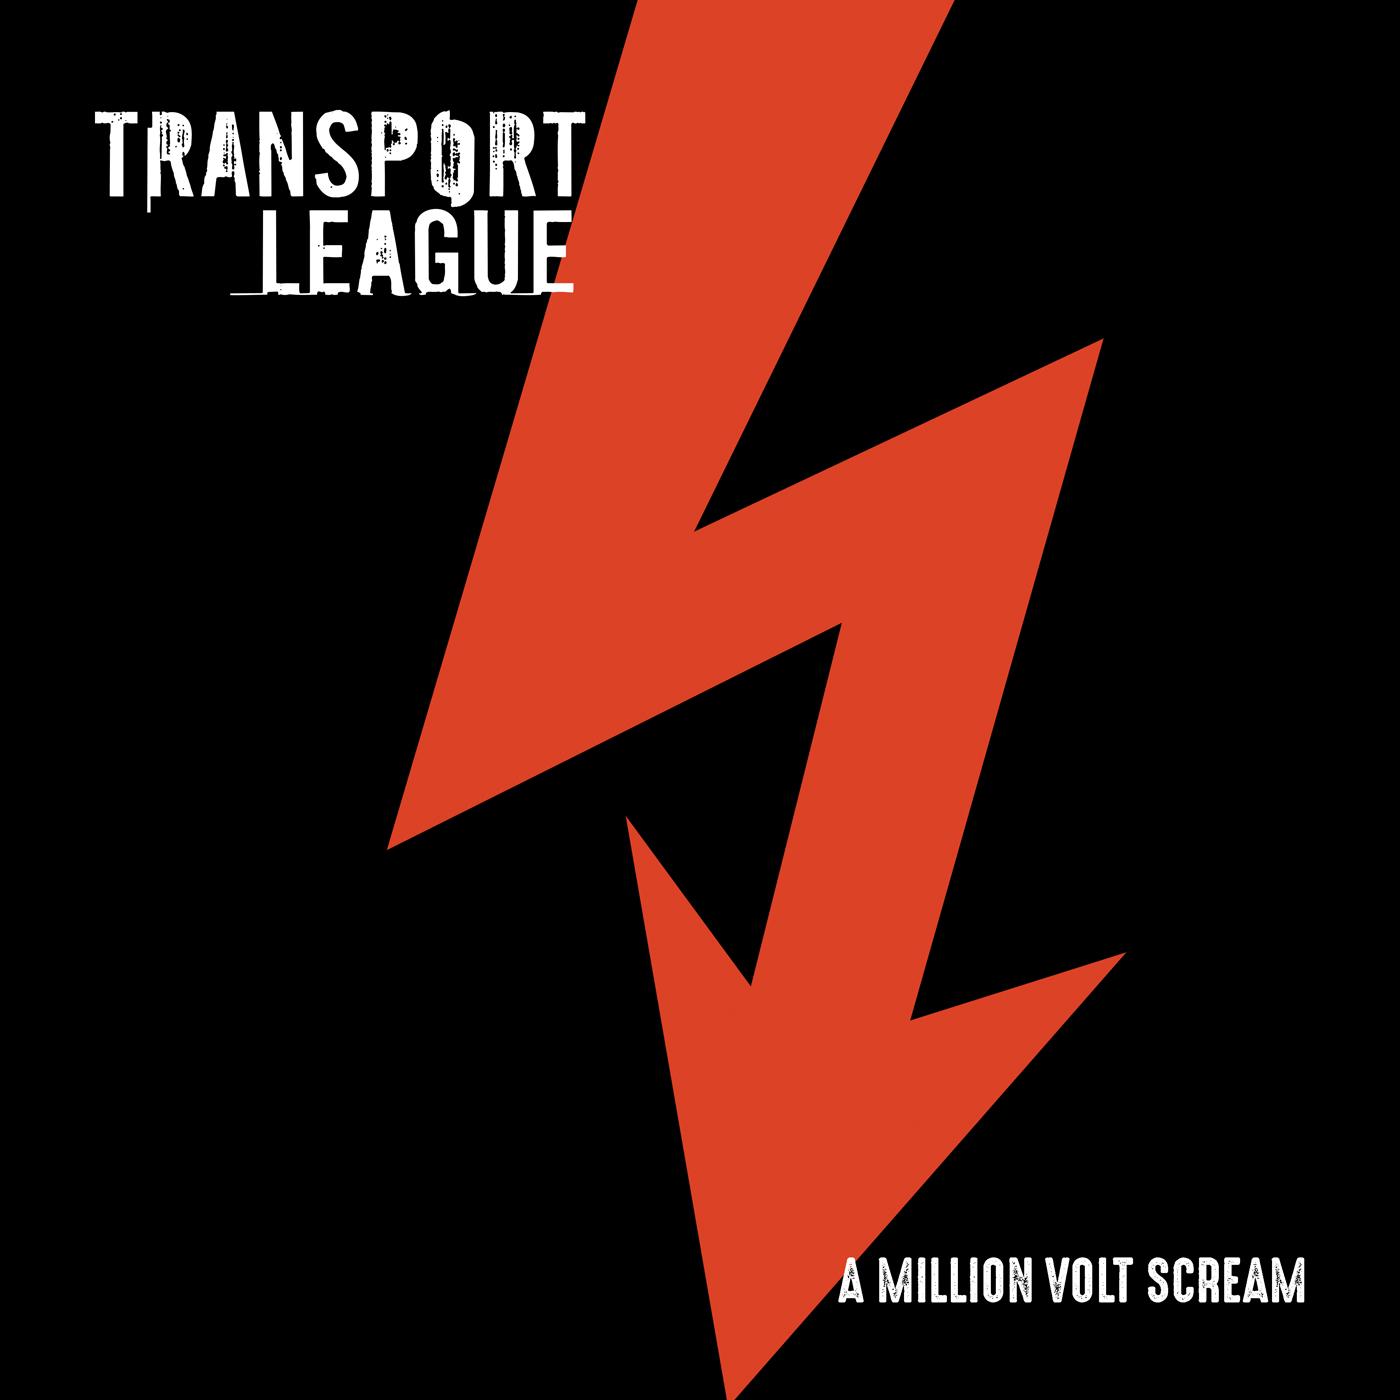 Transport League hbls